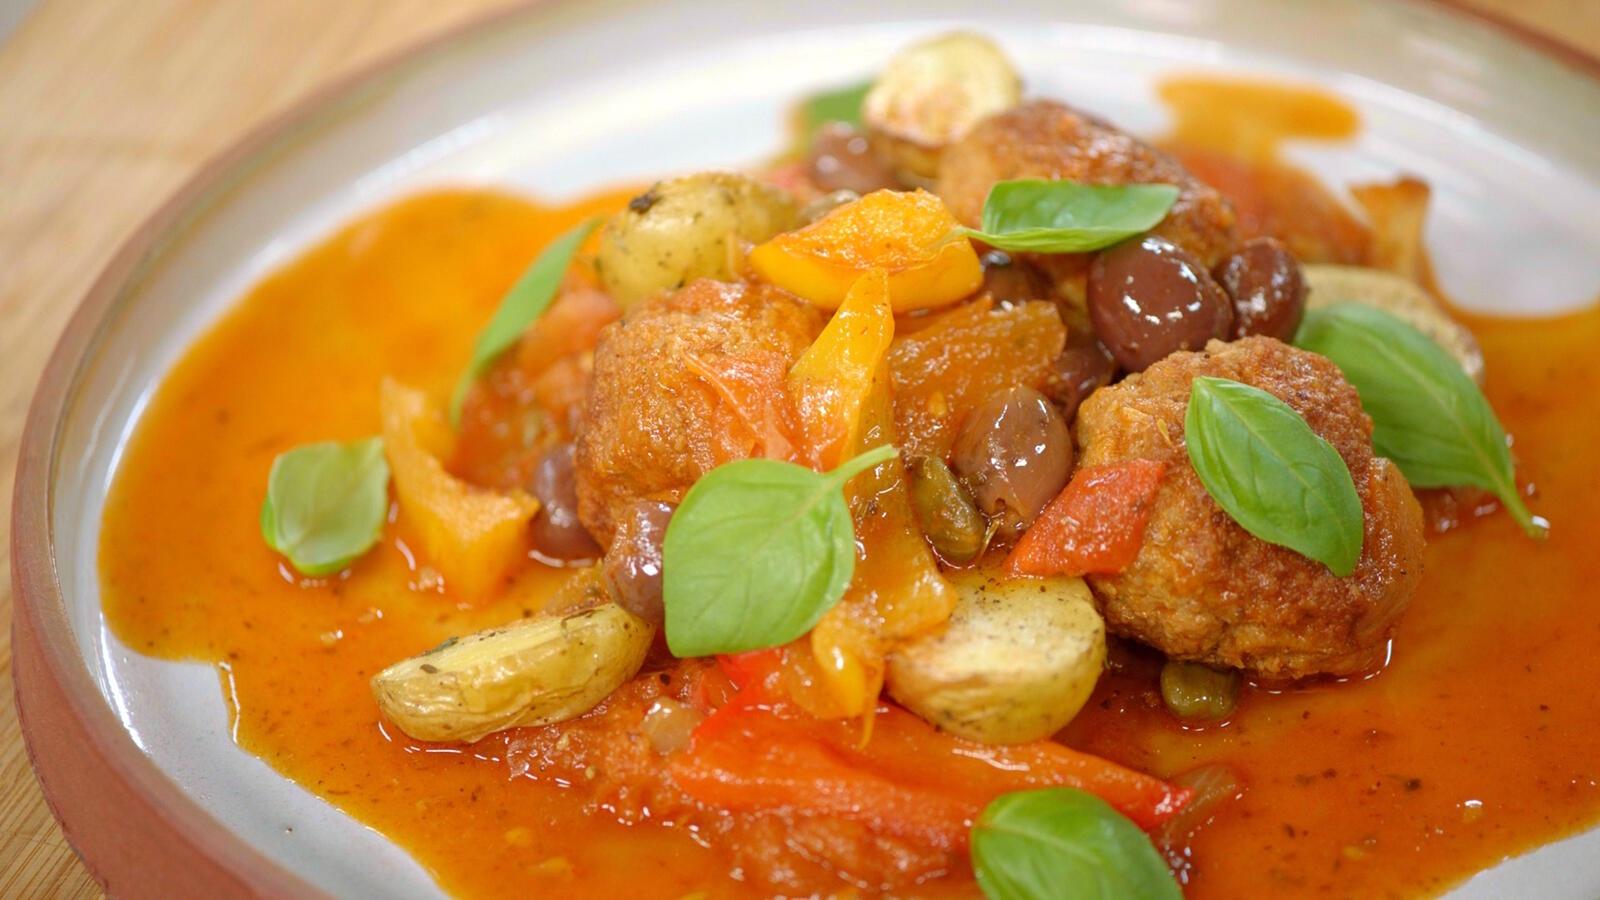 Stoofpot van paprika met kalfsgehaktballetjes en geroosterde aardappelen